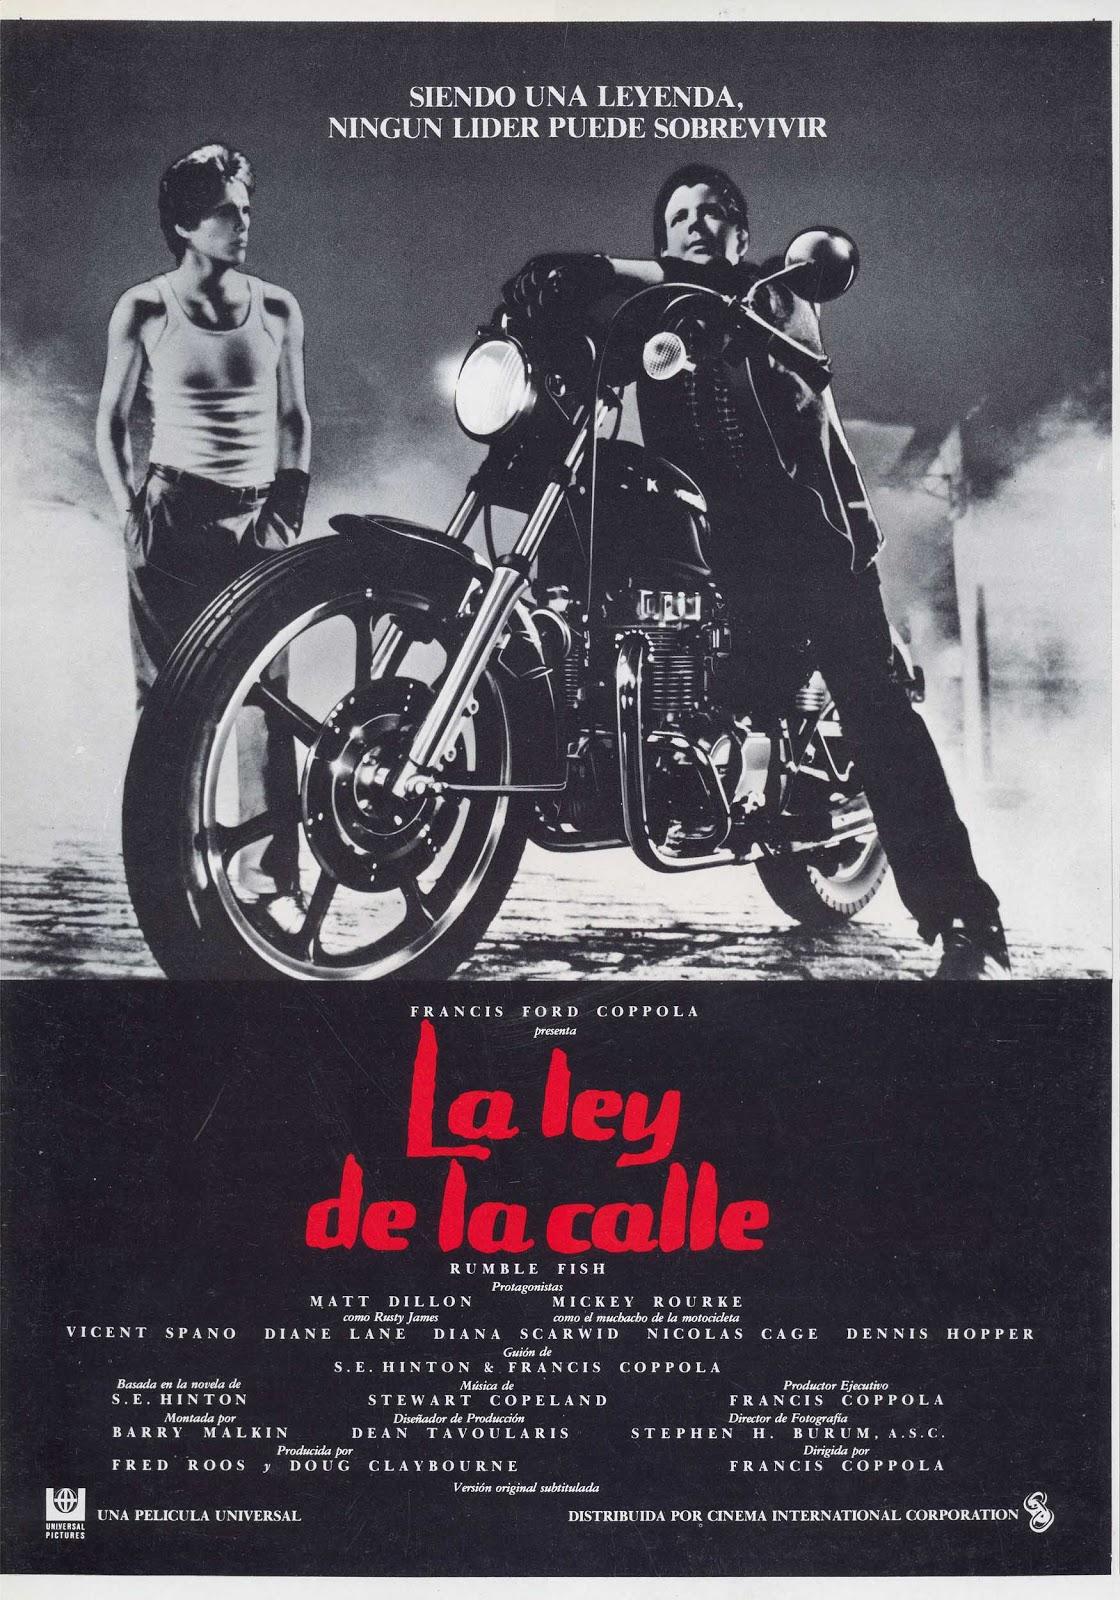 http://4.bp.blogspot.com/-xEkkSjCus-Y/UNCLZEDTmFI/AAAAAAAAKuY/0ocliwq9UXA/s1600/1984_LA_LEY_DE_LA_CALLE_poster_(2).jpg